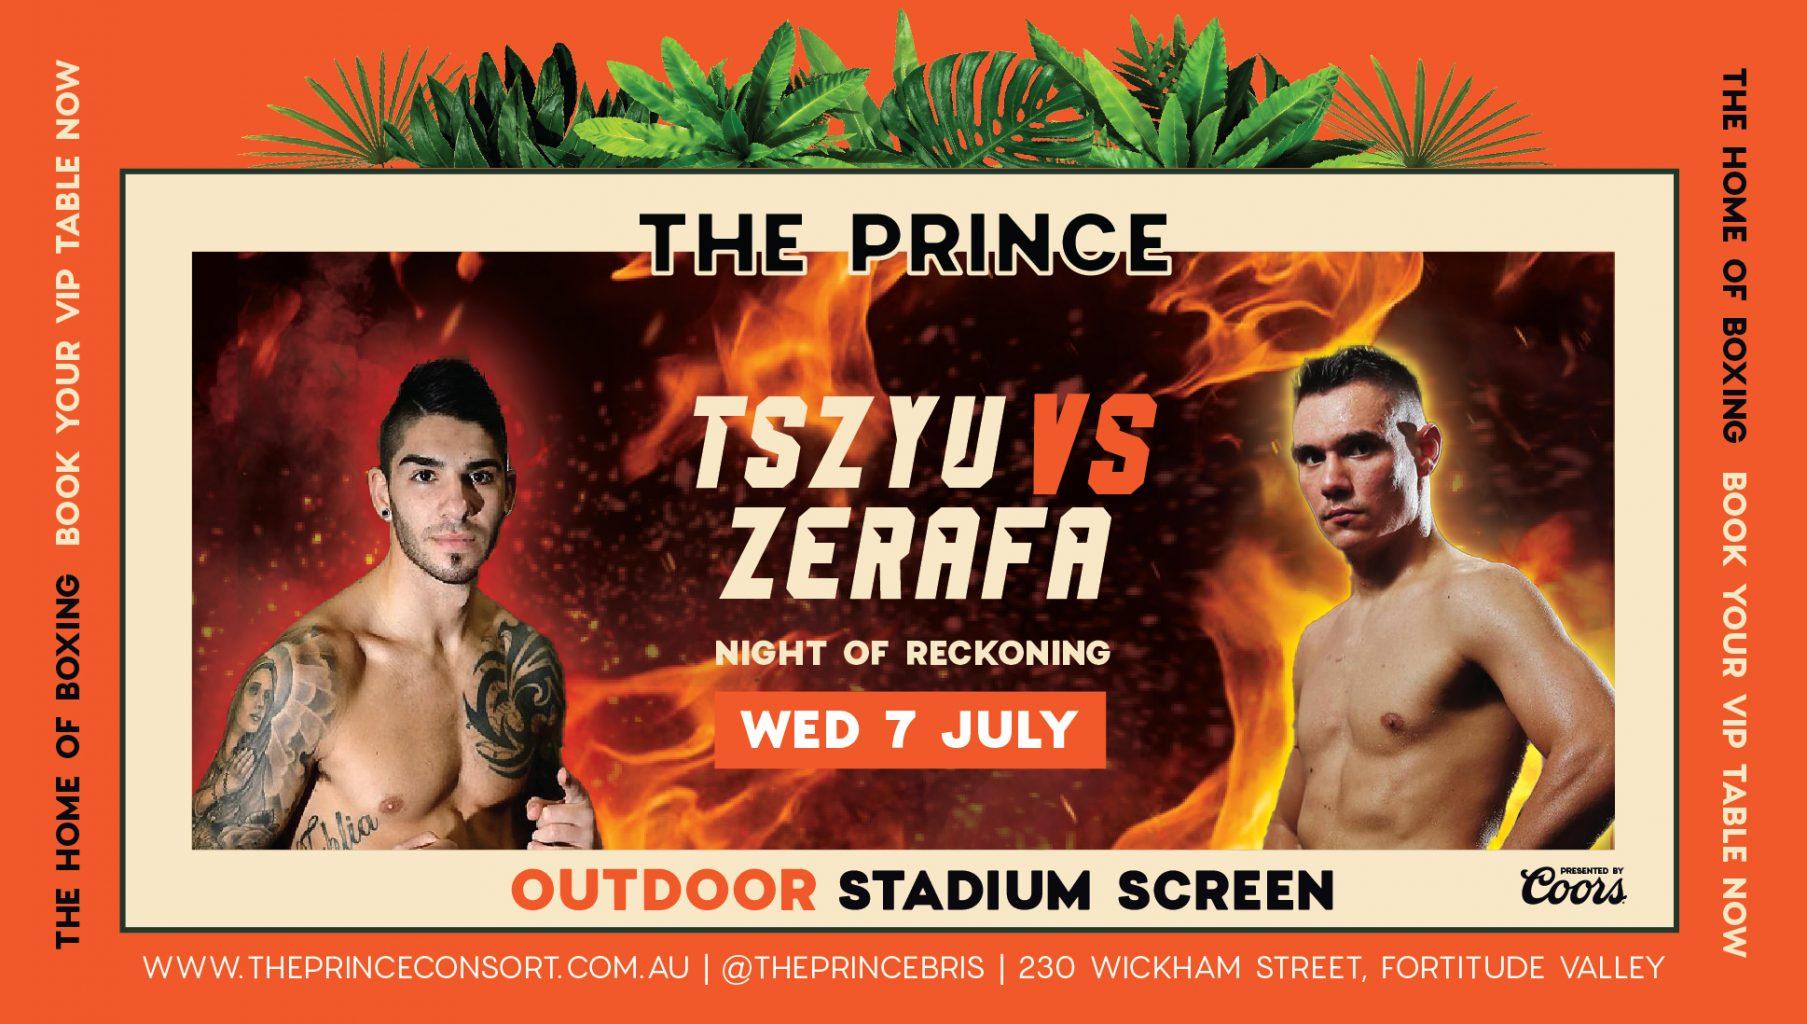 BOXING TSZYU VS ZERAFA